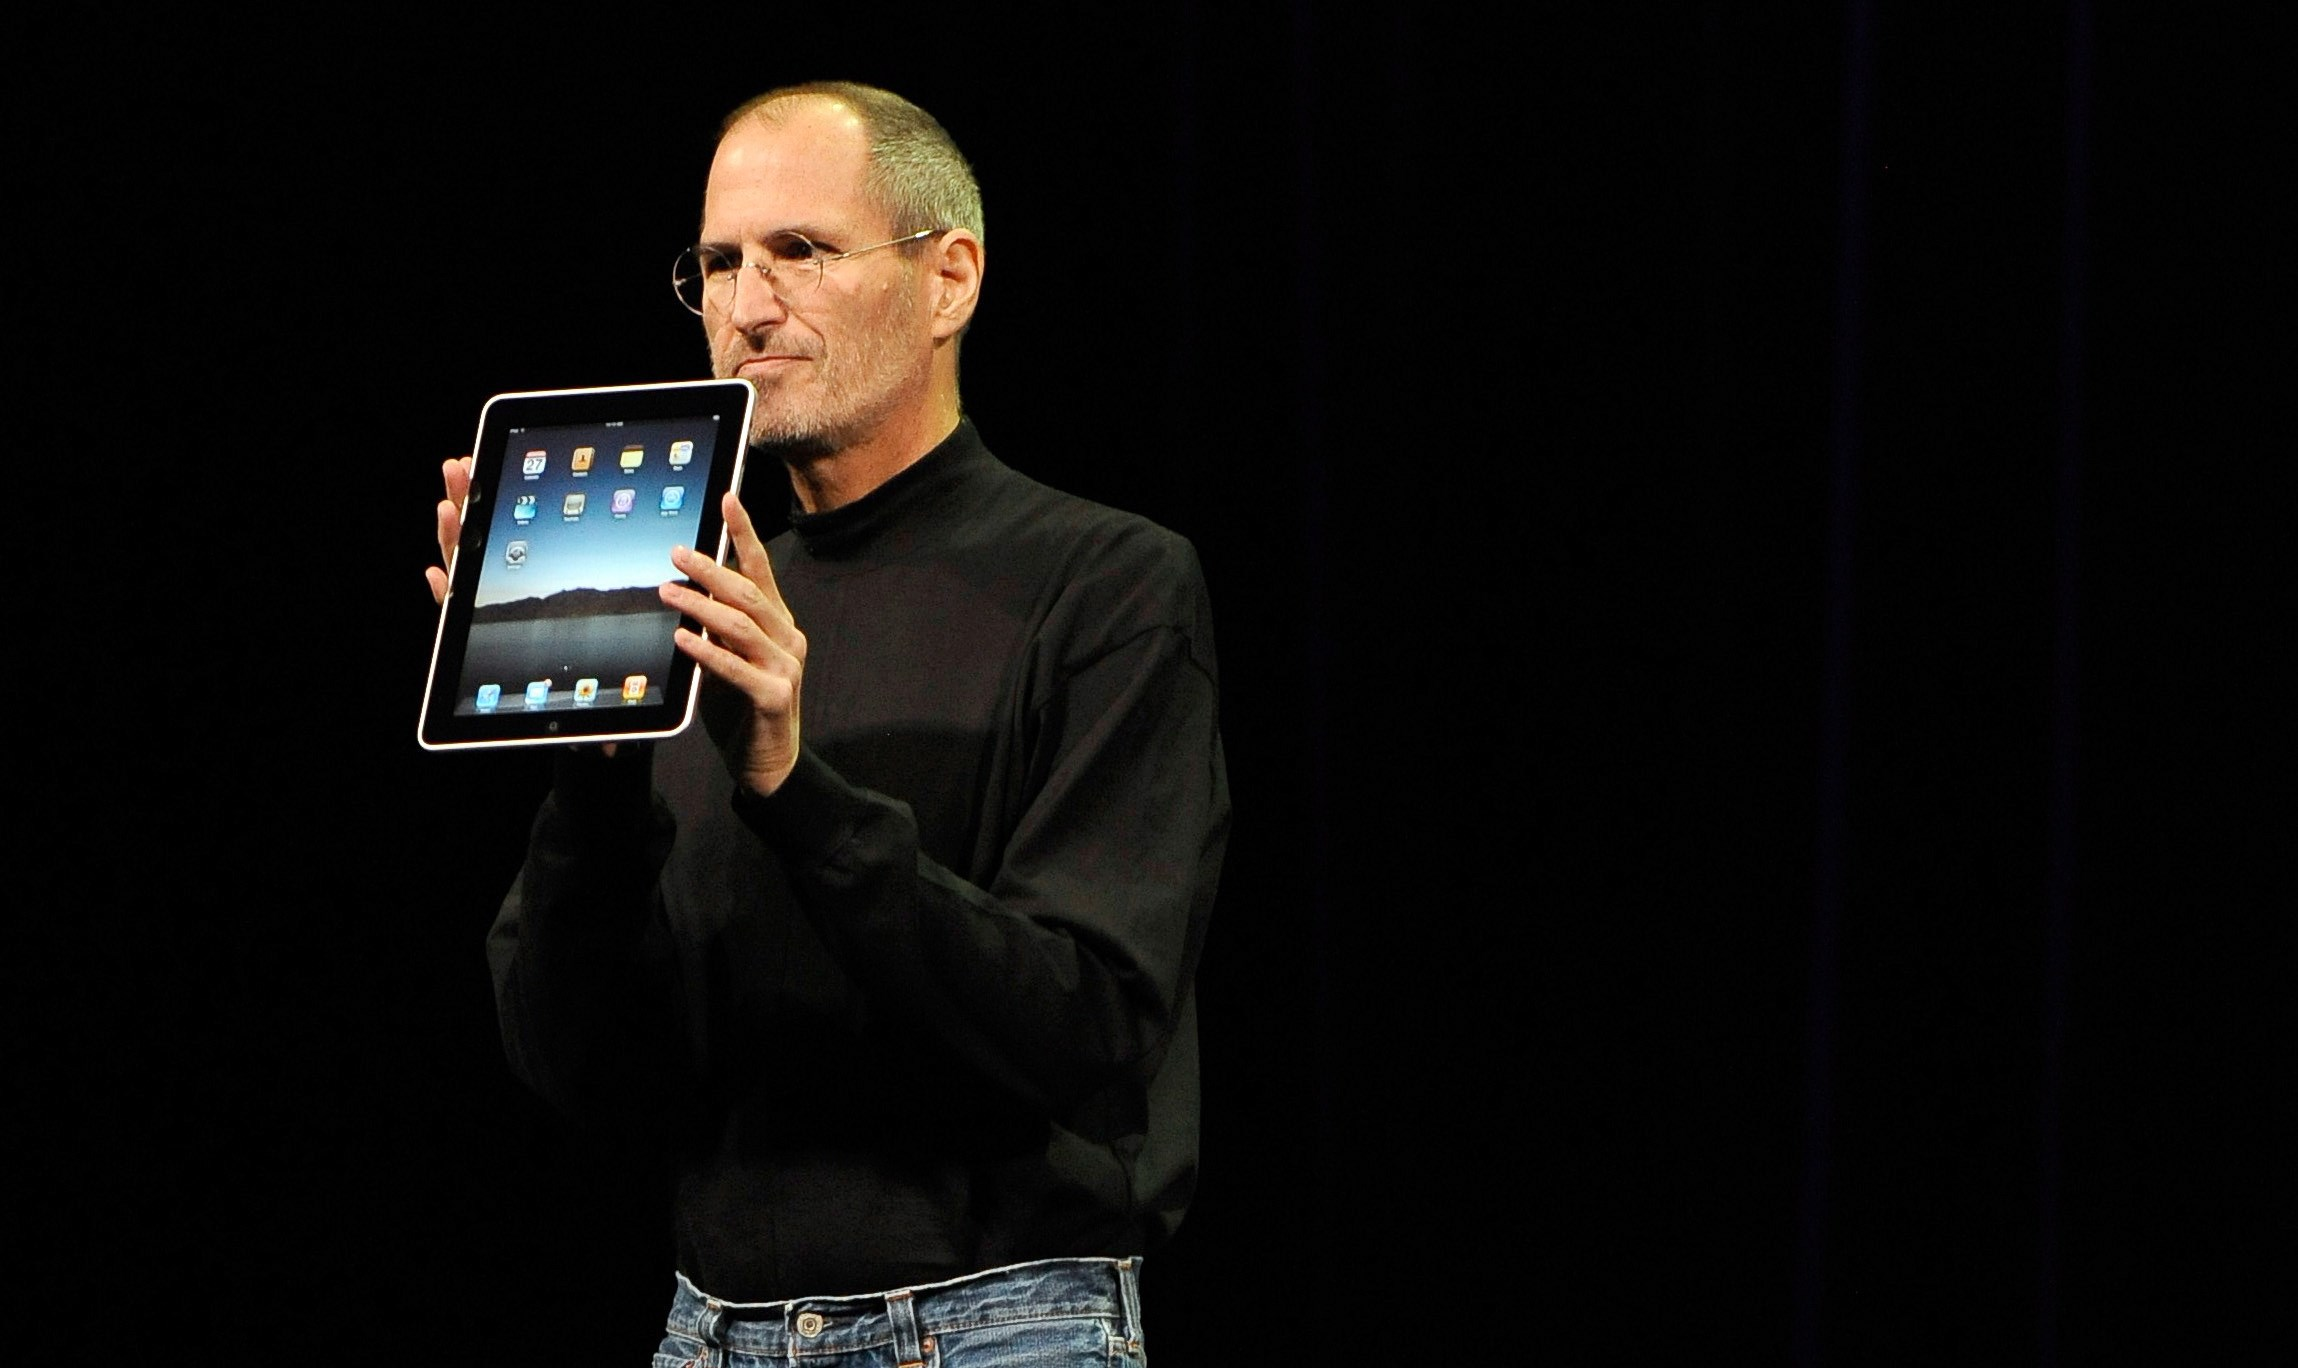 El CEO y cofundador de Apple Inc., Steve Jobs, presenta el iPad. un evento de Apple en el Yerba Buena Center for the Arts Theatre en San Francisco, California, EE. UU., 27 de enero de 2010. Foto de EFE/EPA/JOHN G. MABANGLO.